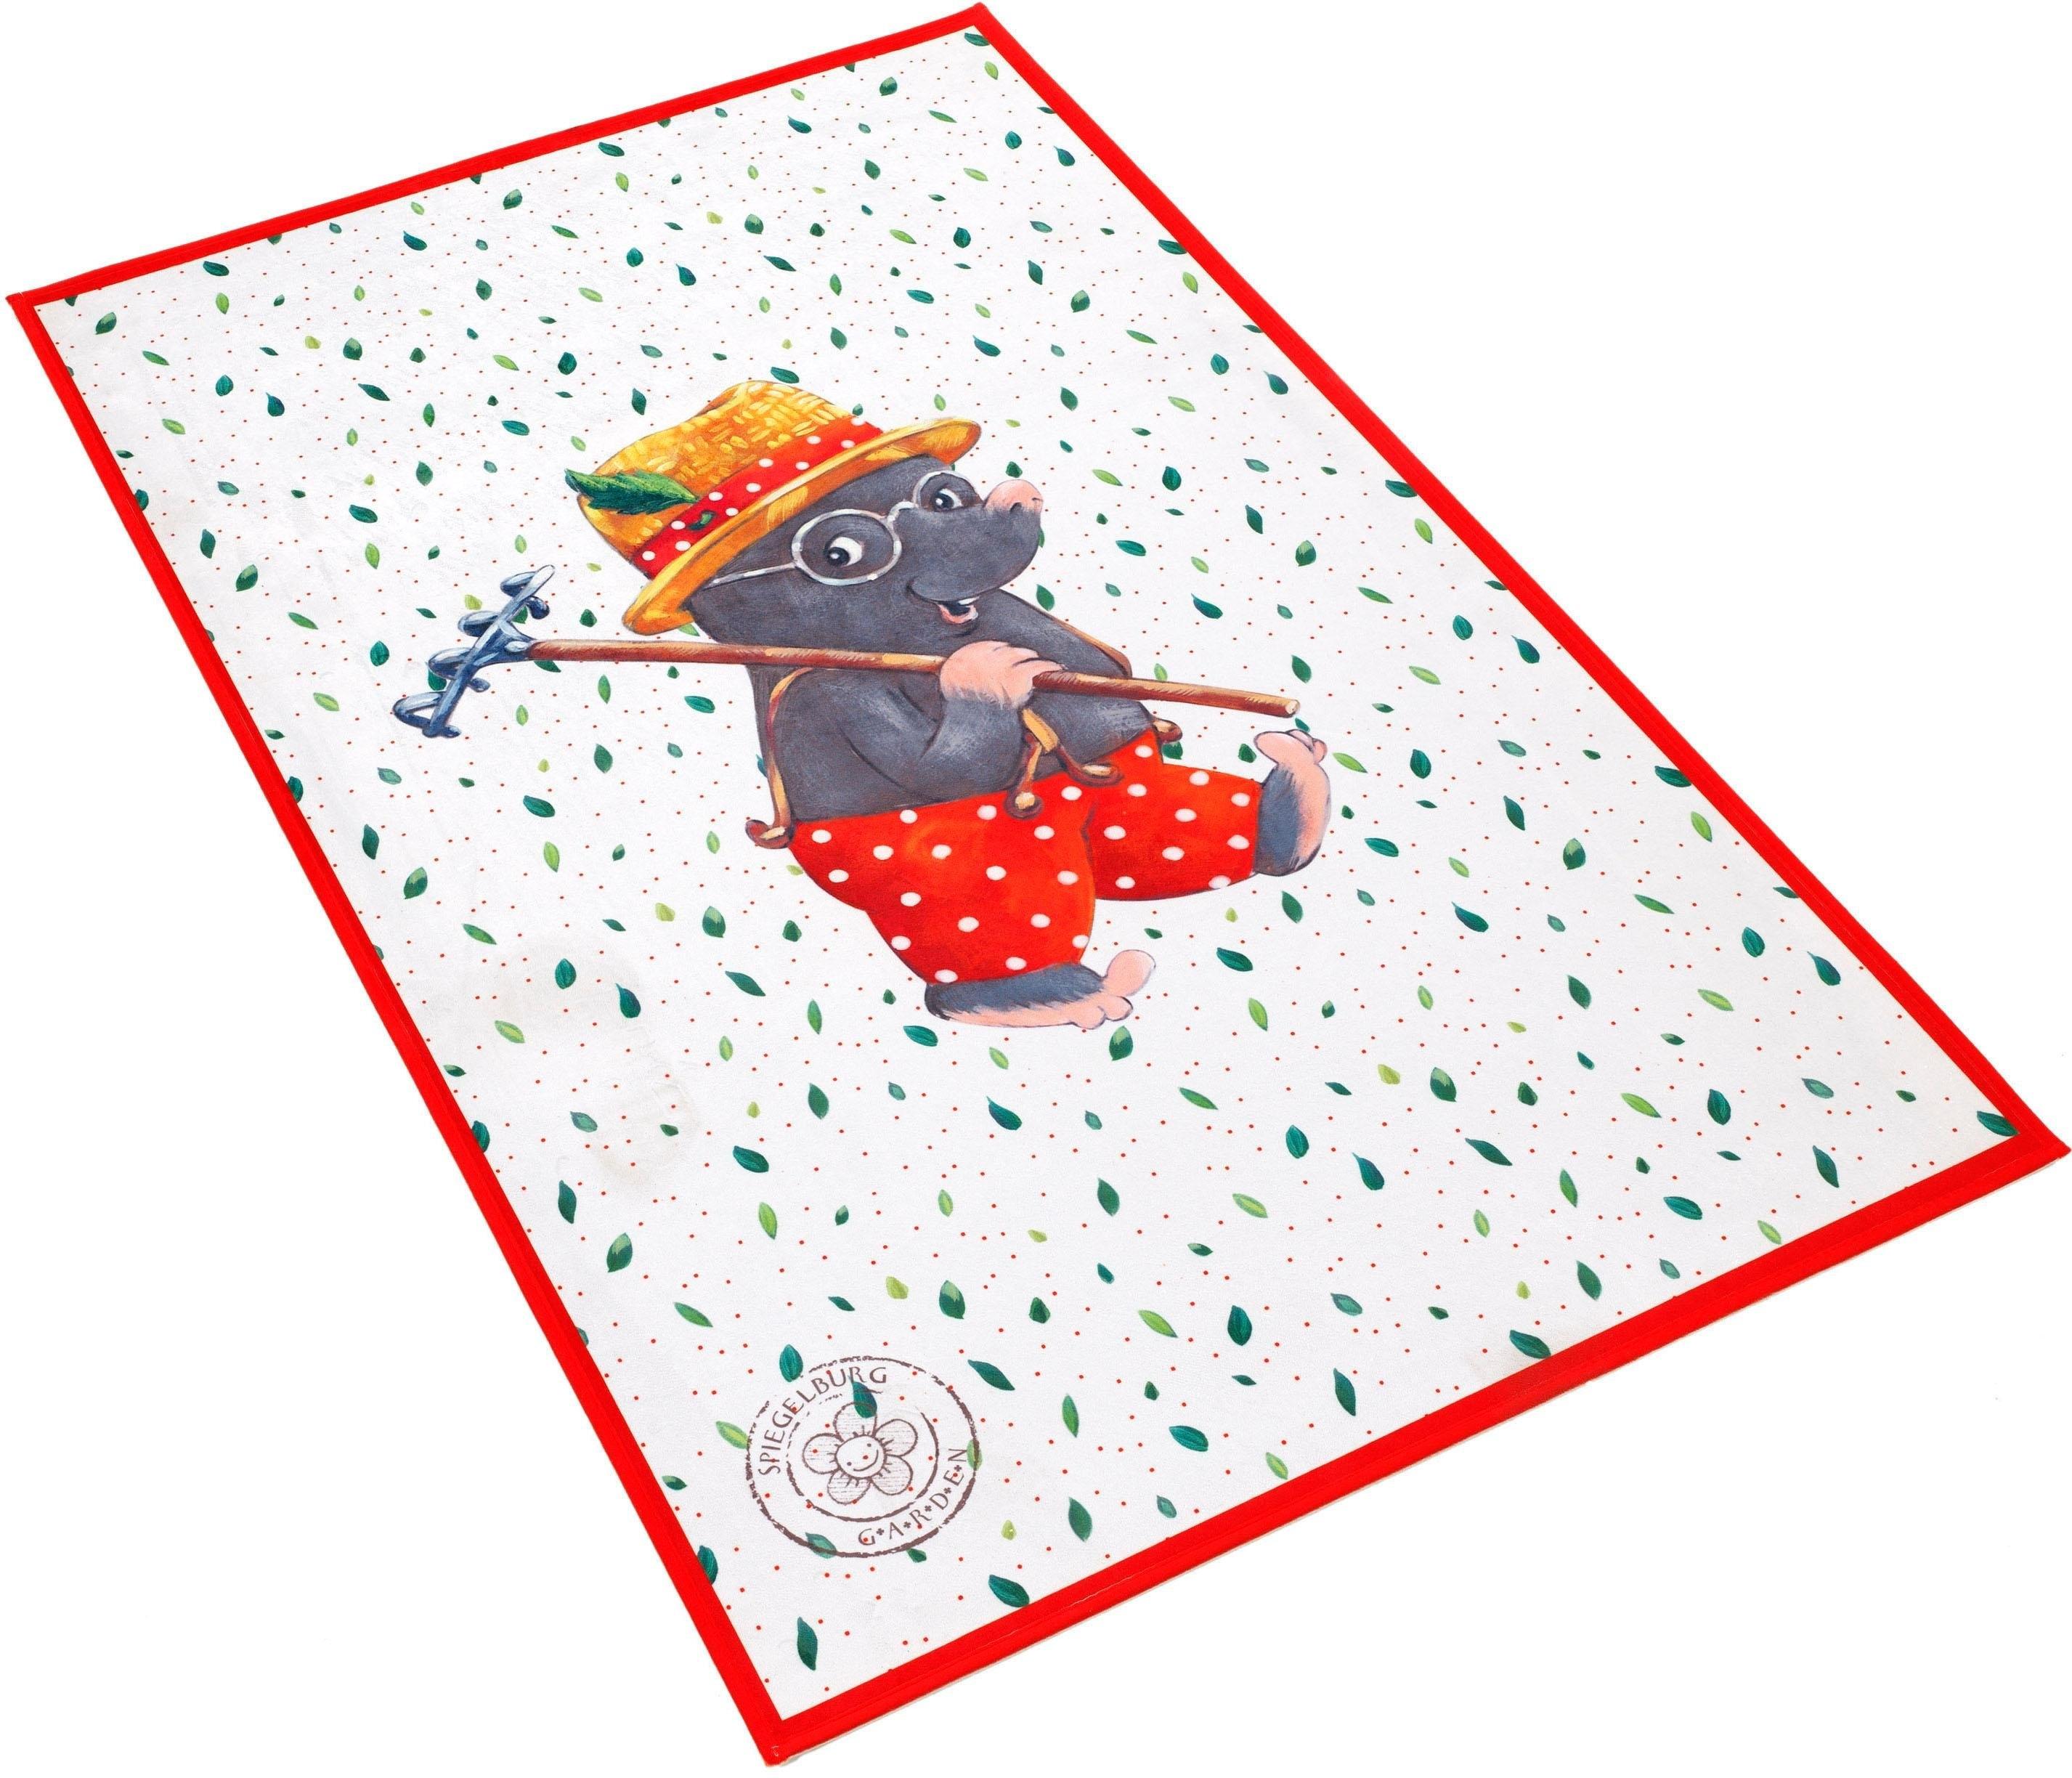 SPIEGELBURG GARDEN Vloerkleed voor de kinderkamer, »GA-611«, rechthoekig, hoogte 6 mm, geprint online kopen op otto.nl